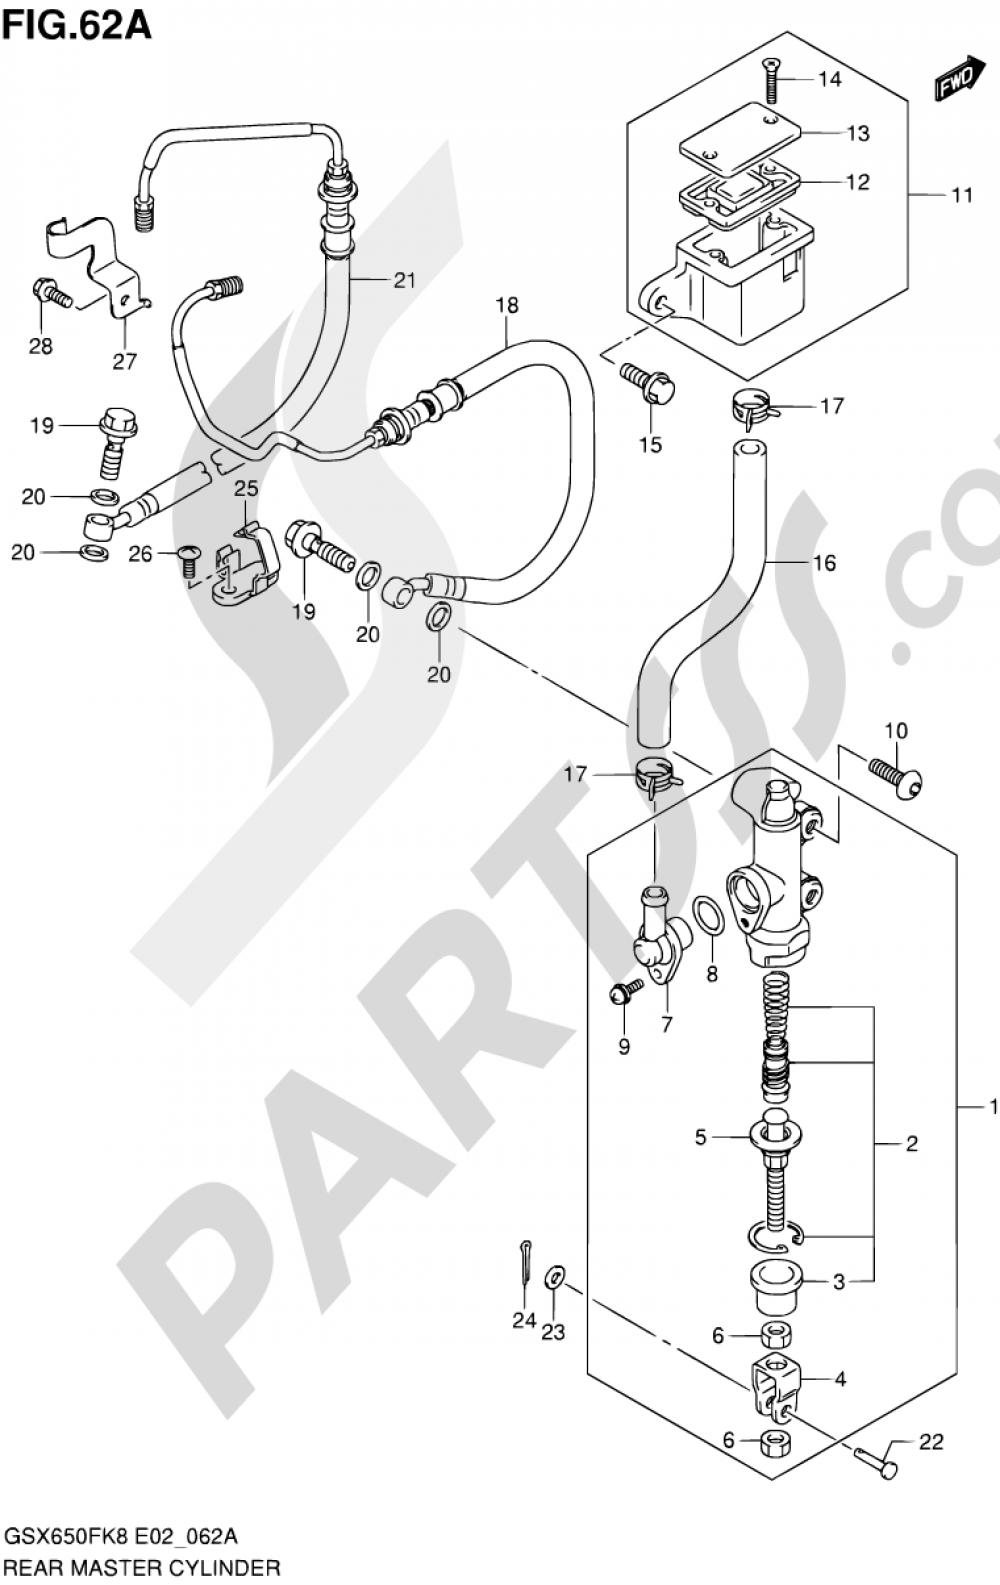 62A - REAR MASTER CYLINDER (GSX650FAK9/FUAK9/FL0/FUL0/FAL0/FUAL0) Suzuki GSX650FA 2009